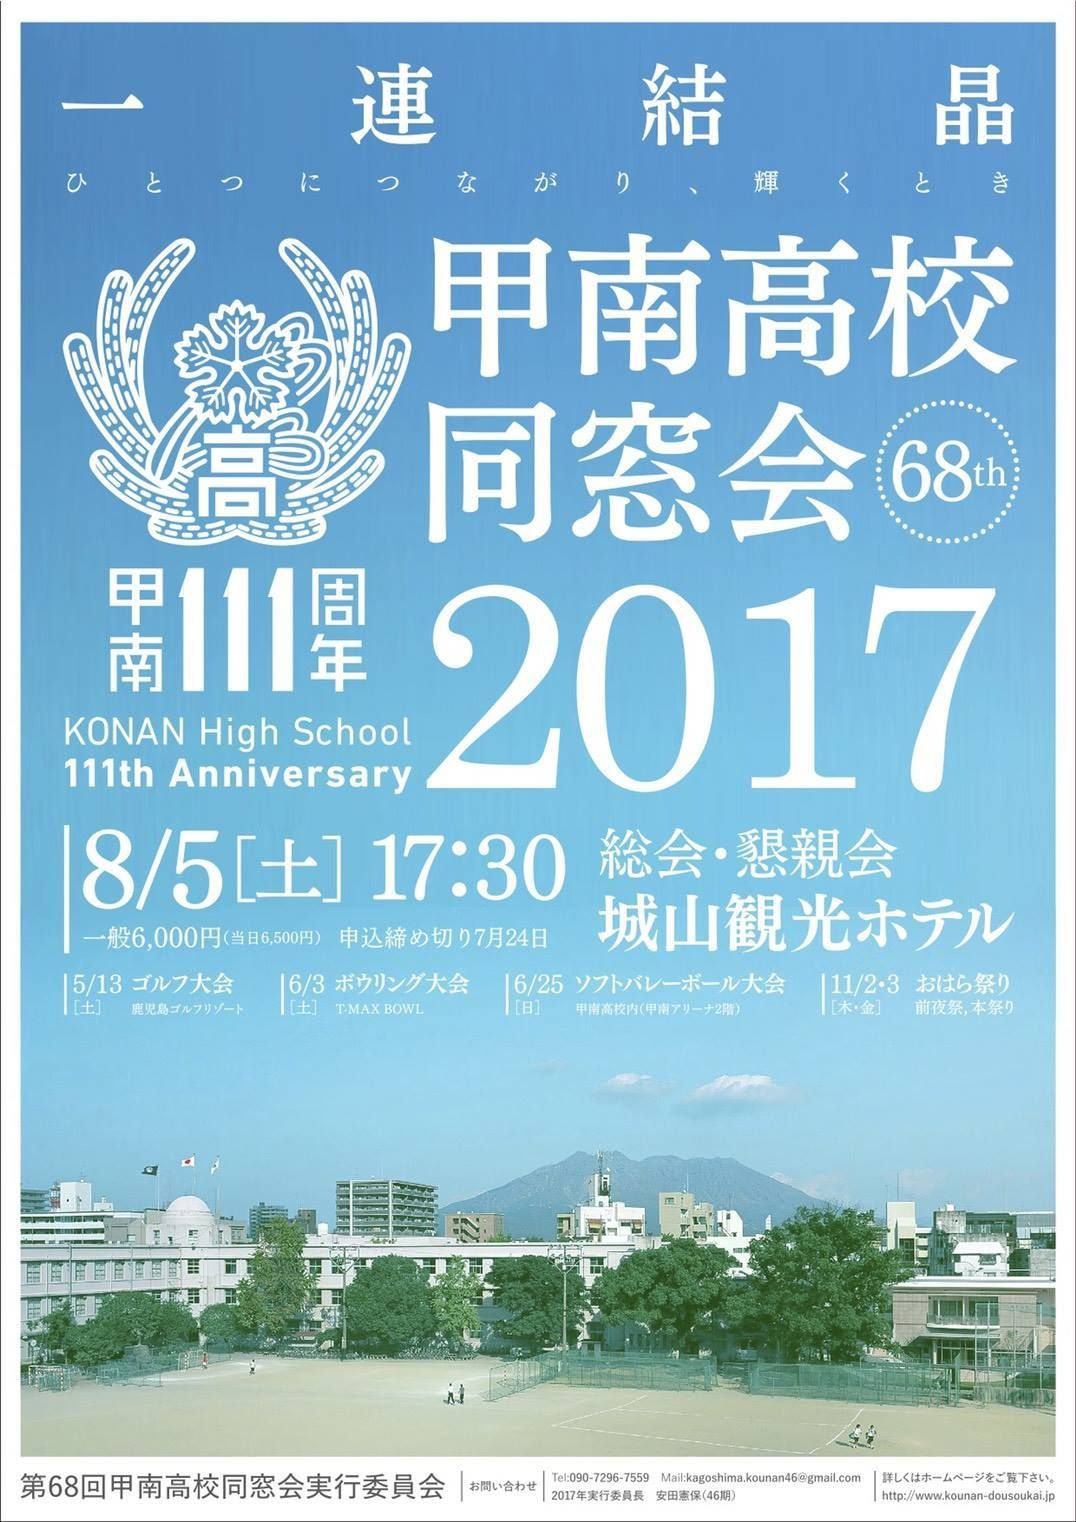 同窓会総会案内ポスター 甲南高校同窓会公式ホームページ poster